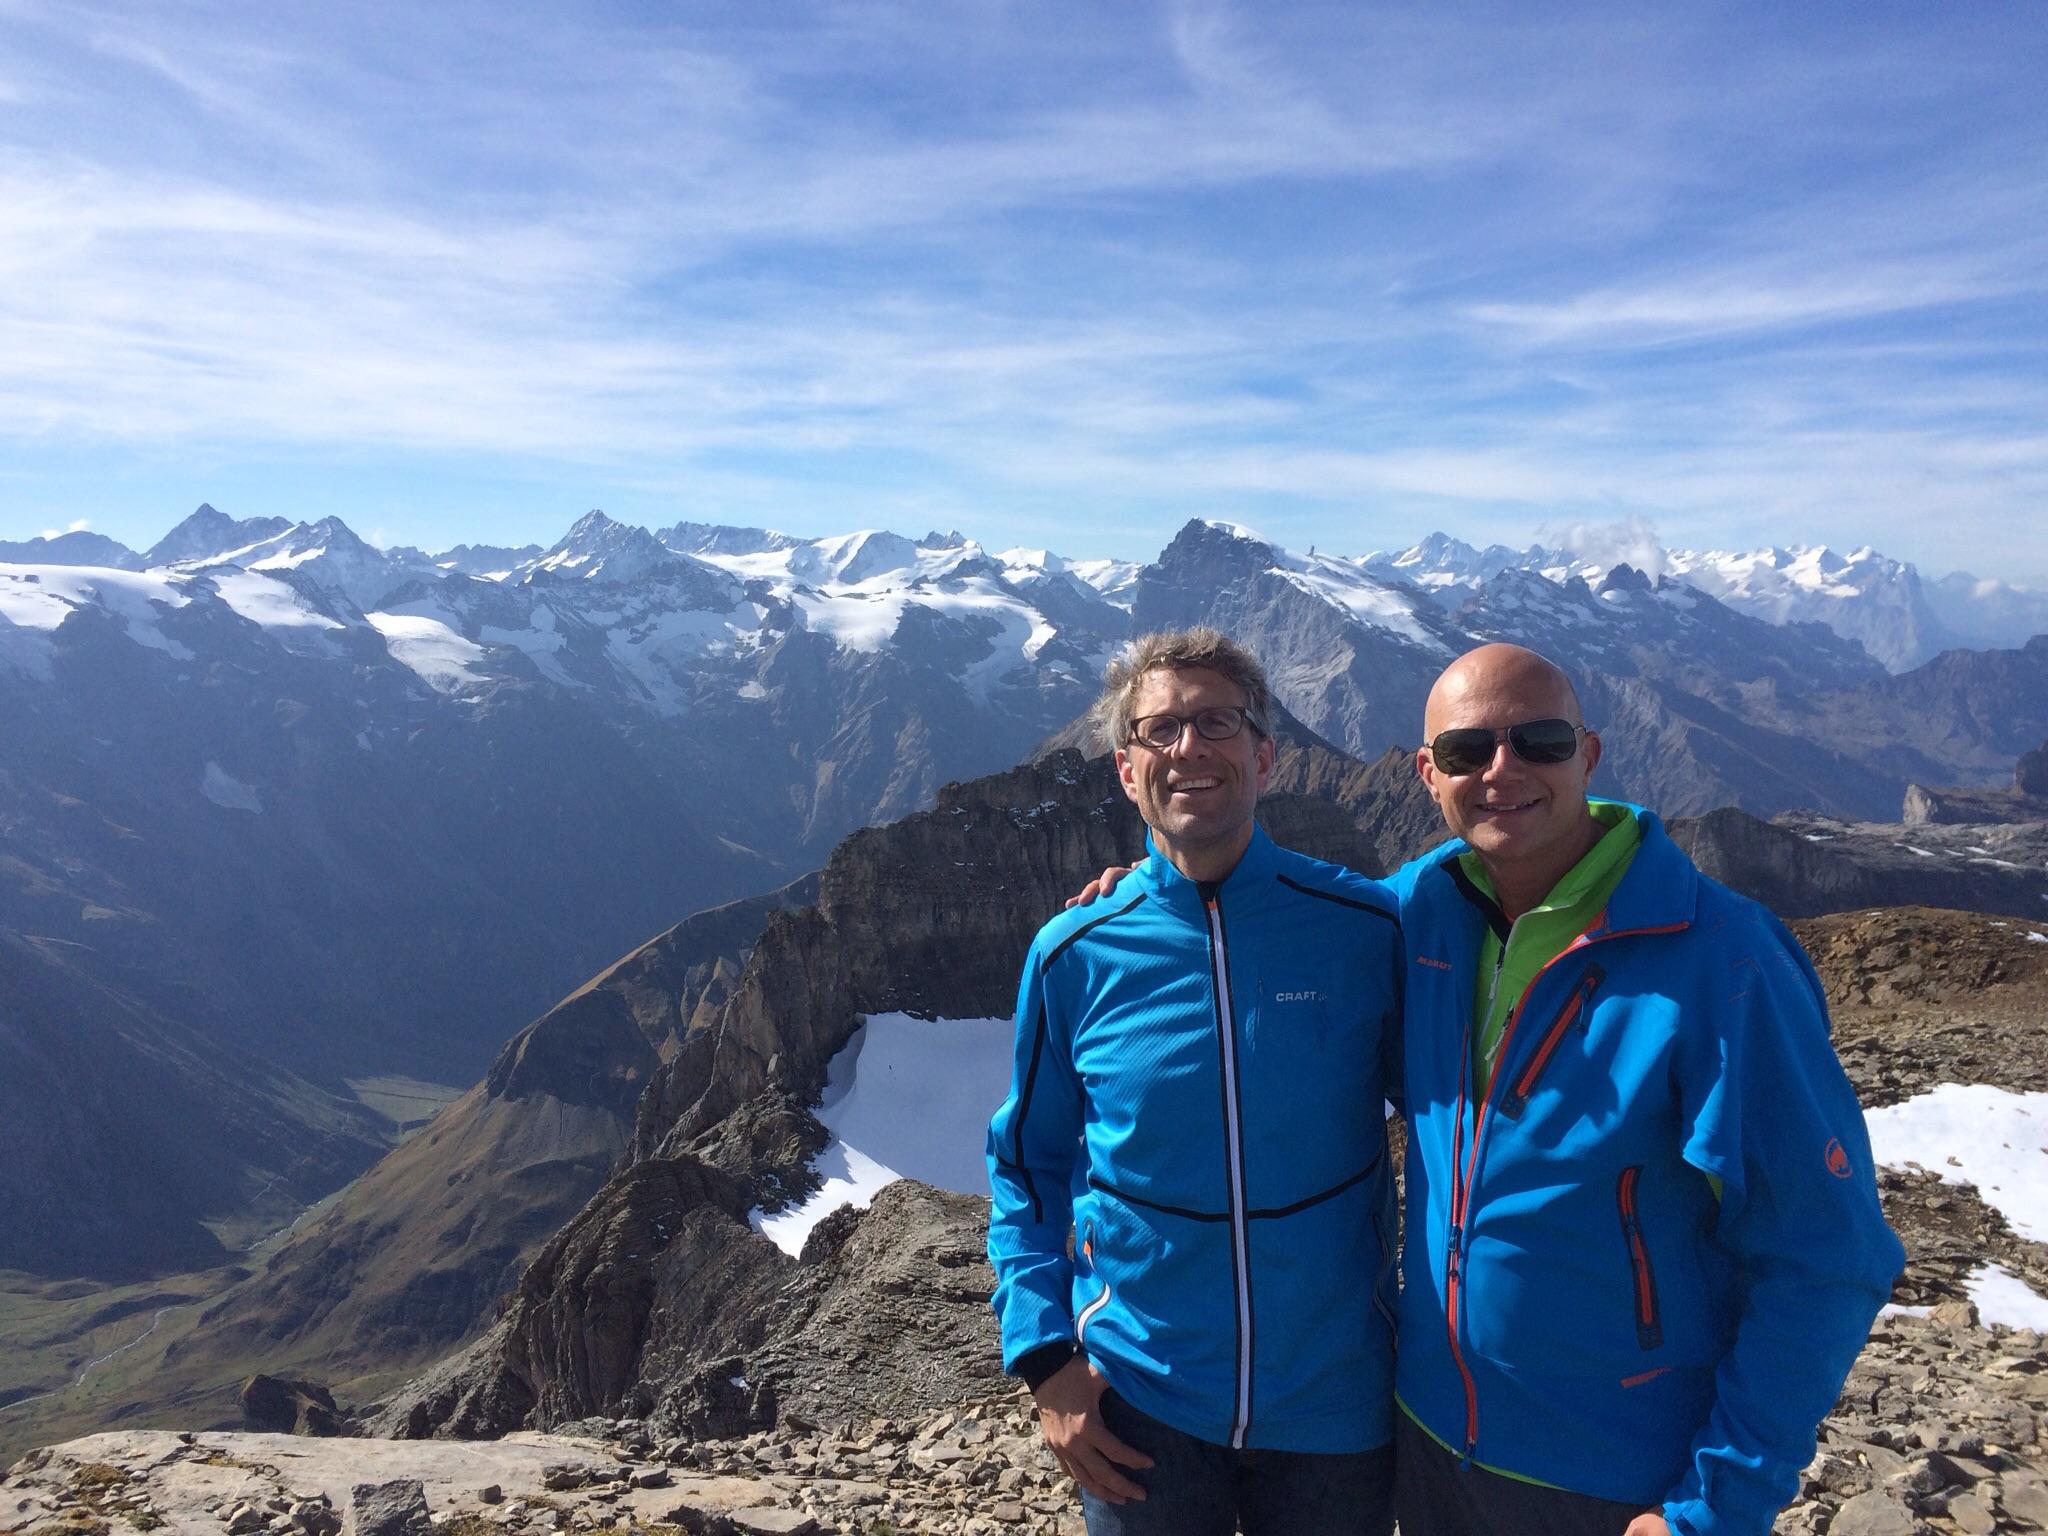 Gipfelfreude mit Sonne, Sustenhorn, Titlis und den Berner Viertausendern in der Ferne